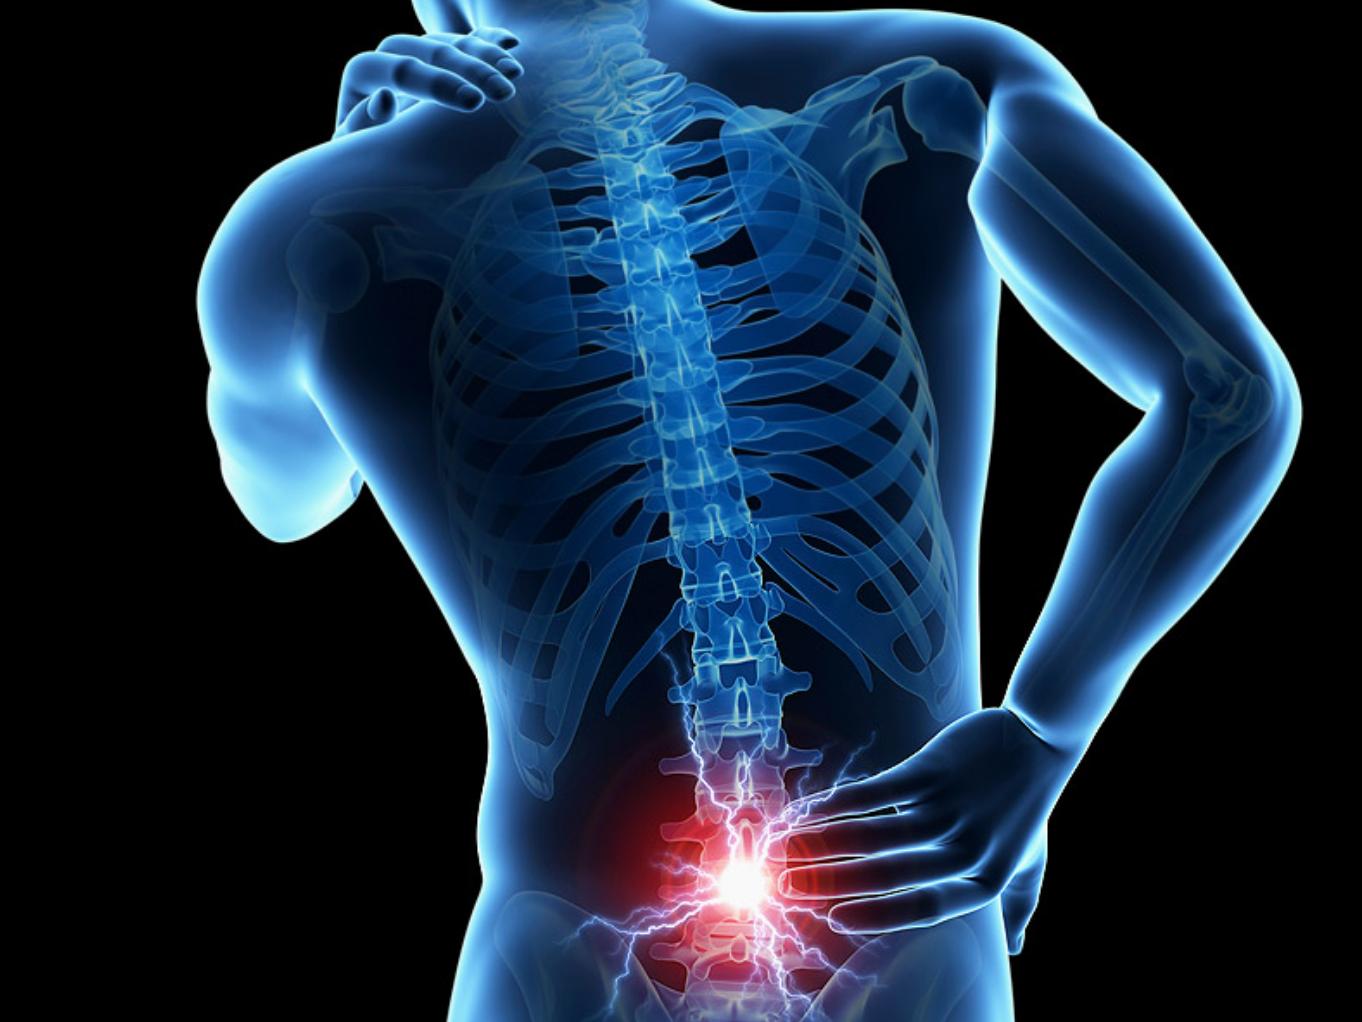 Farkcsont fájdalom (coccyx) – kialakulása, kezelési lehetőségei